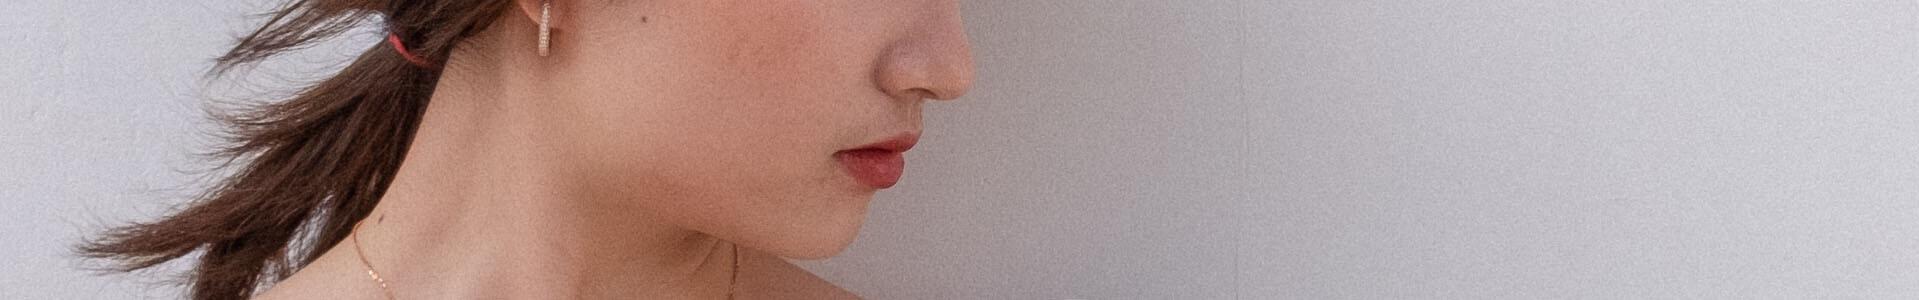 美顔マッサージ―『小顔美人』のつくり方